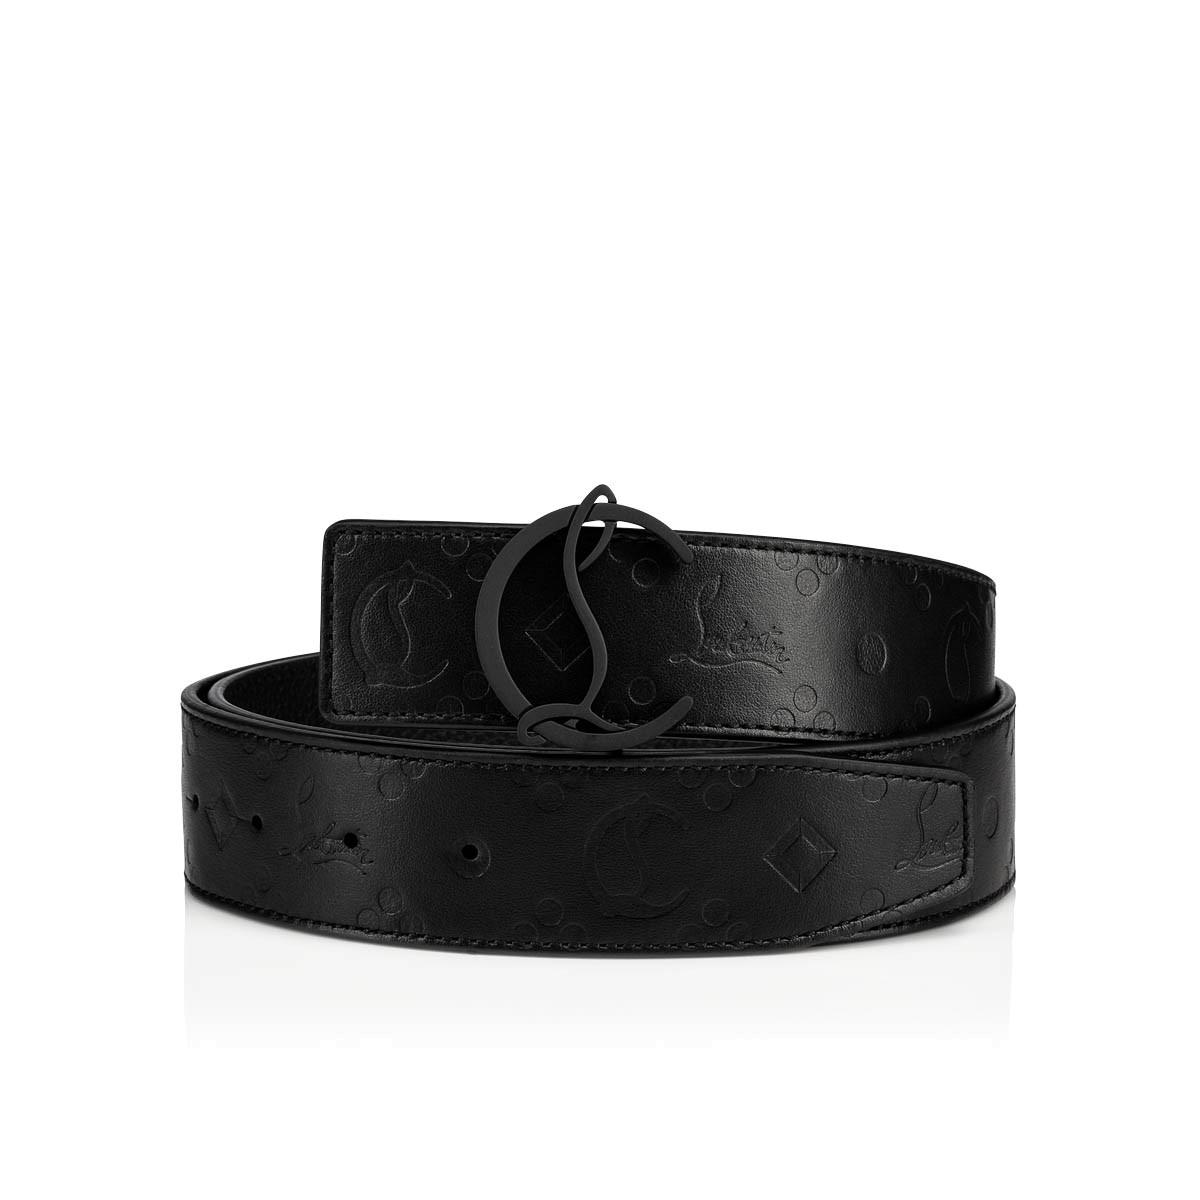 Belt - Cl Belt - Christian Louboutin